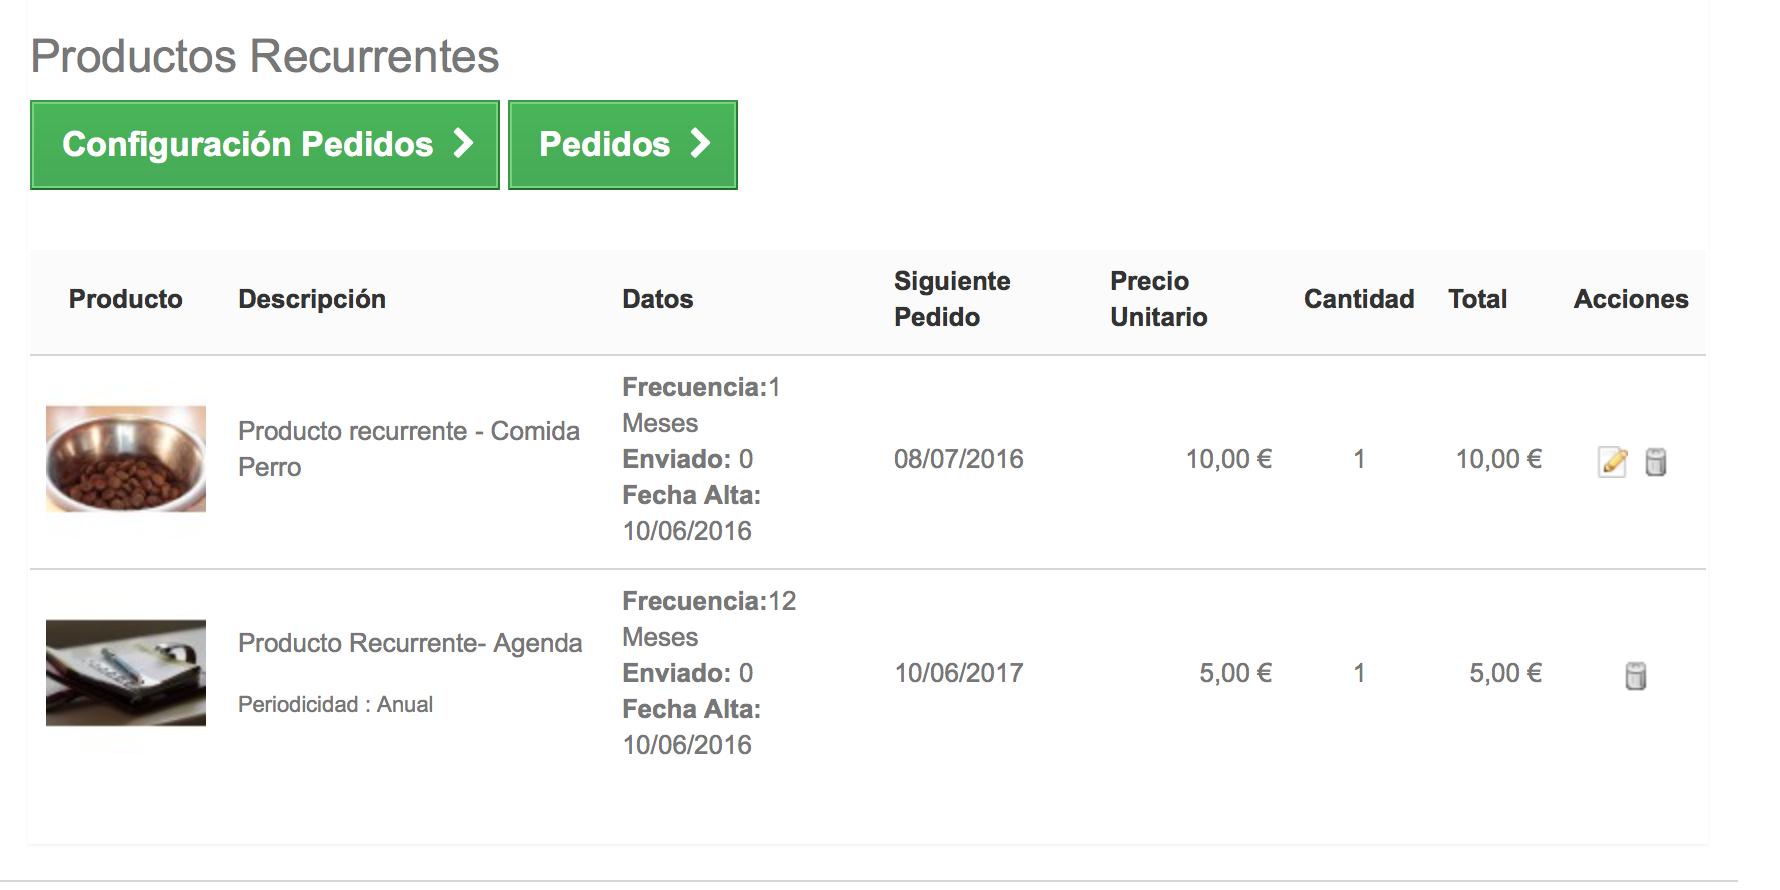 M dulo compra productos recurrentes tiendas virtuales alabaz for Consultar pedido mediamarkt